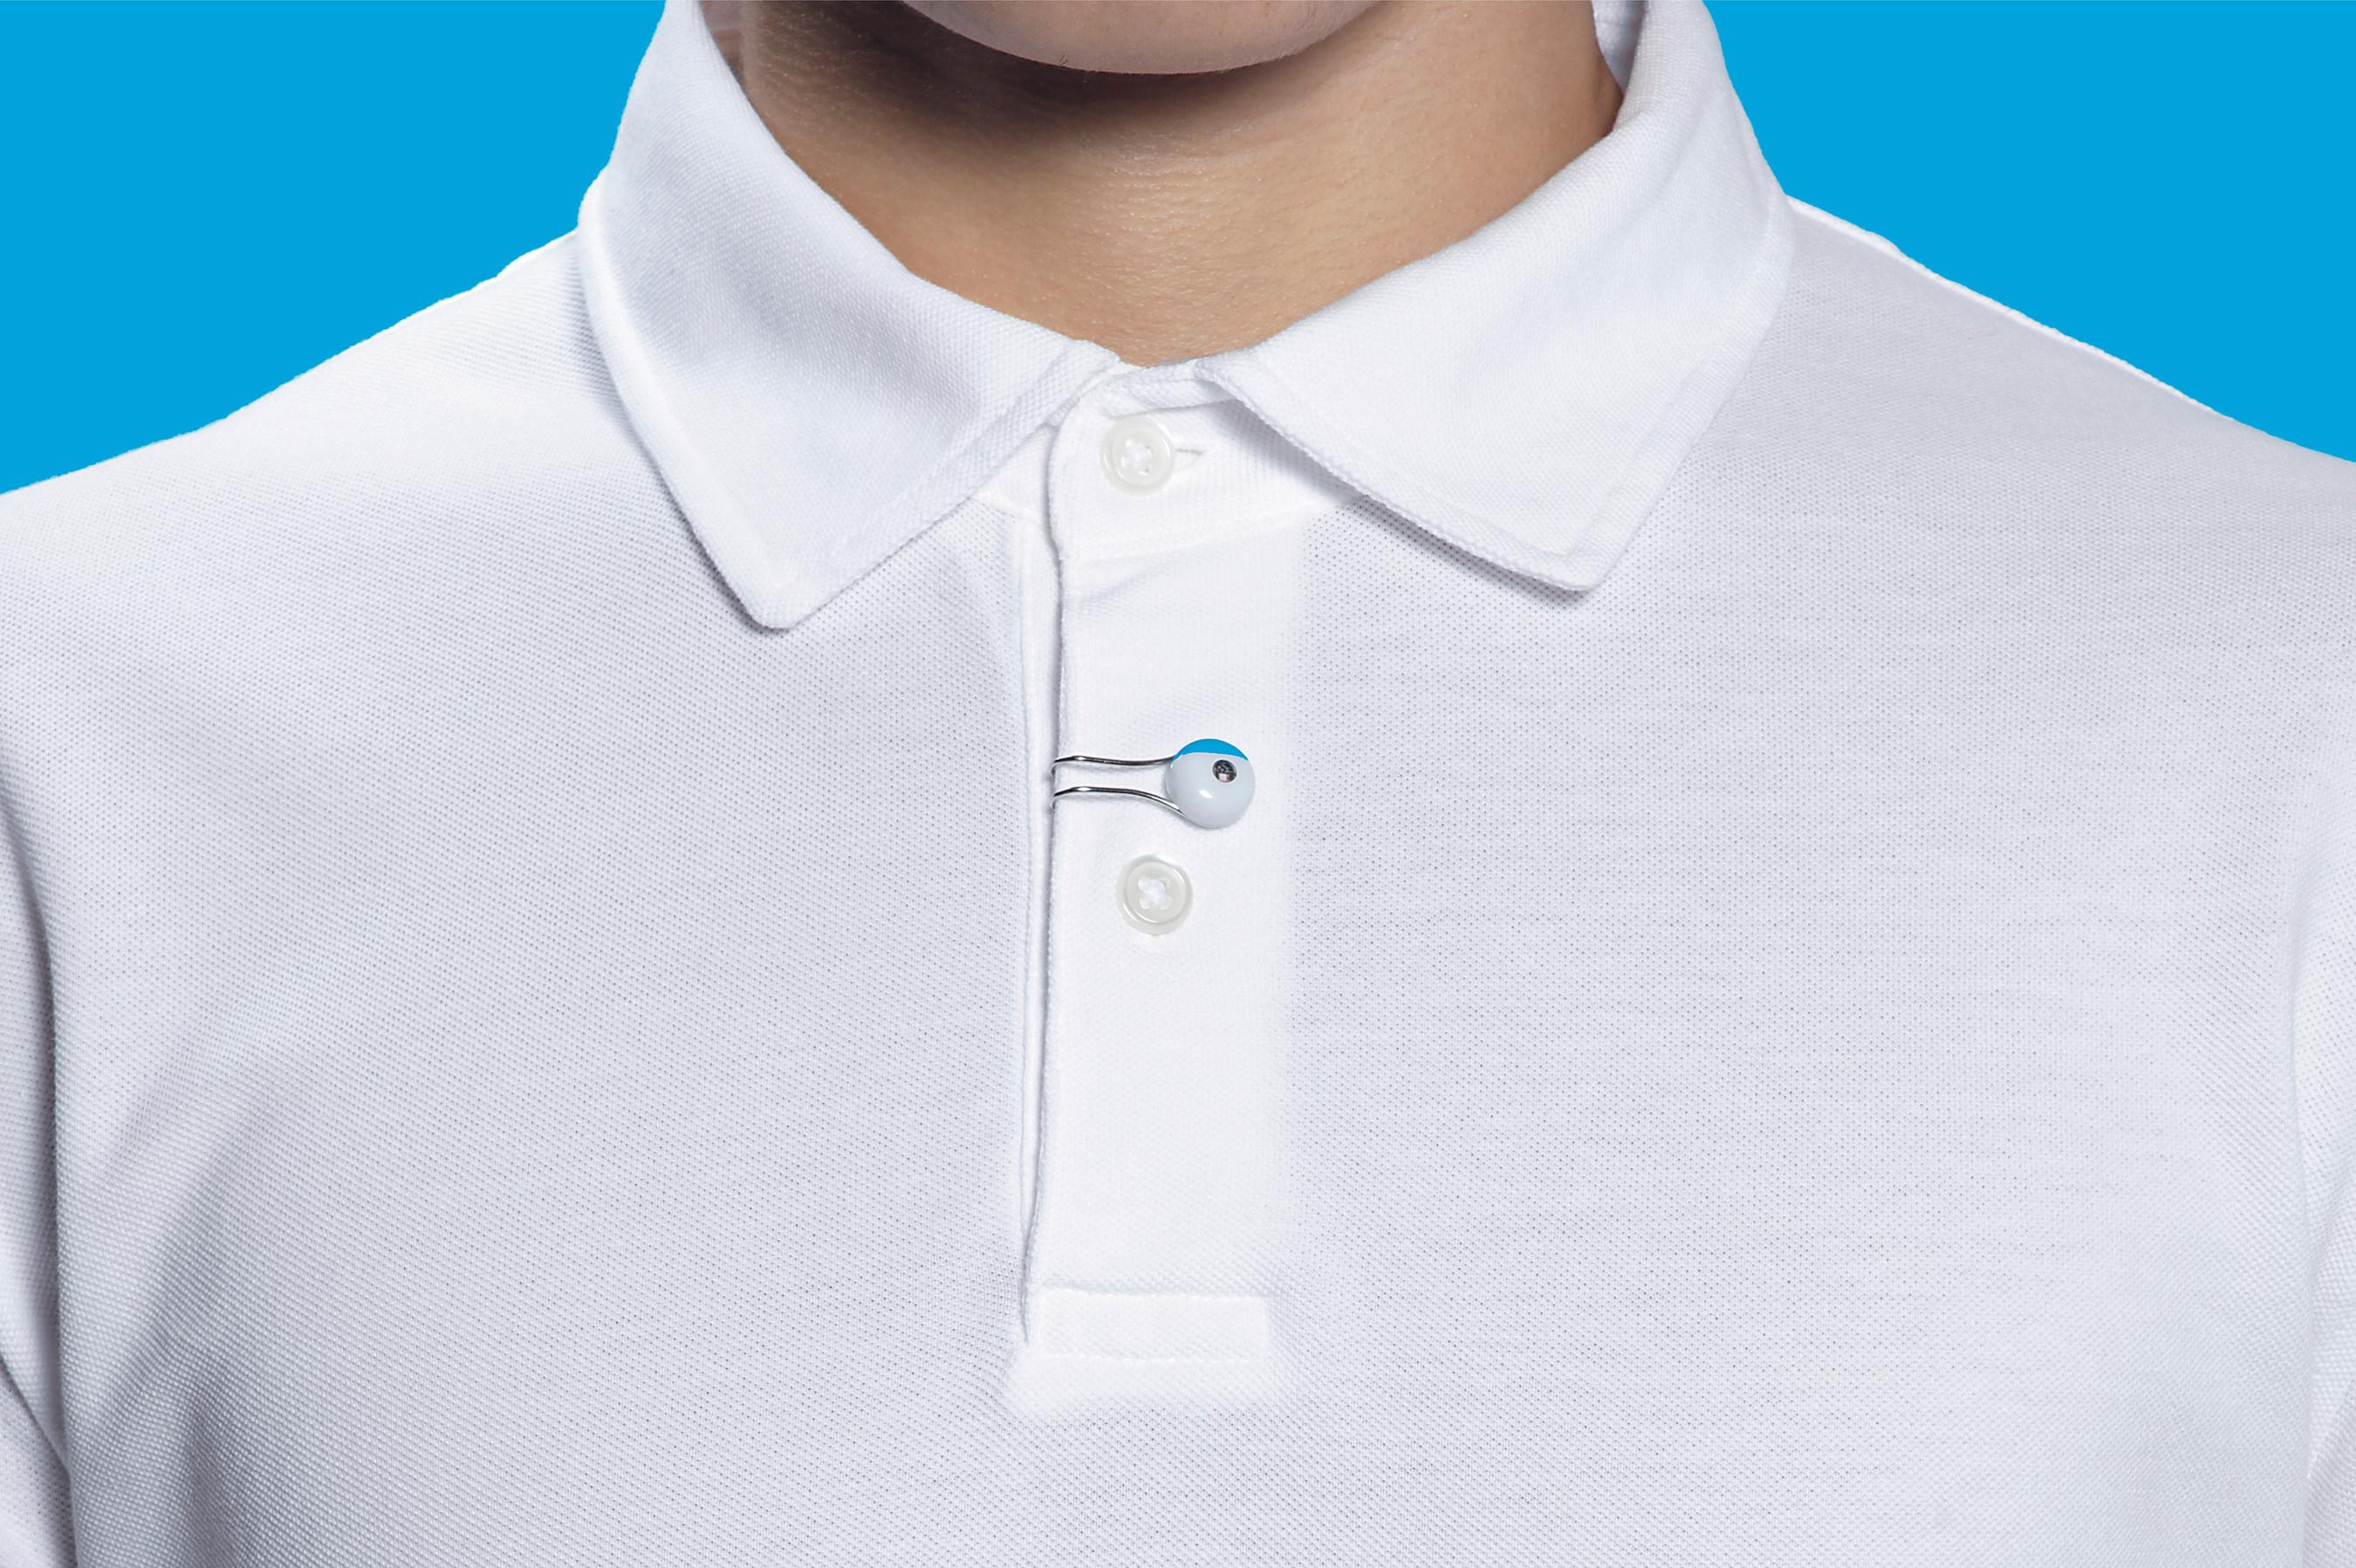 Sensor da Sensor da La Roche-Posay na camiseta